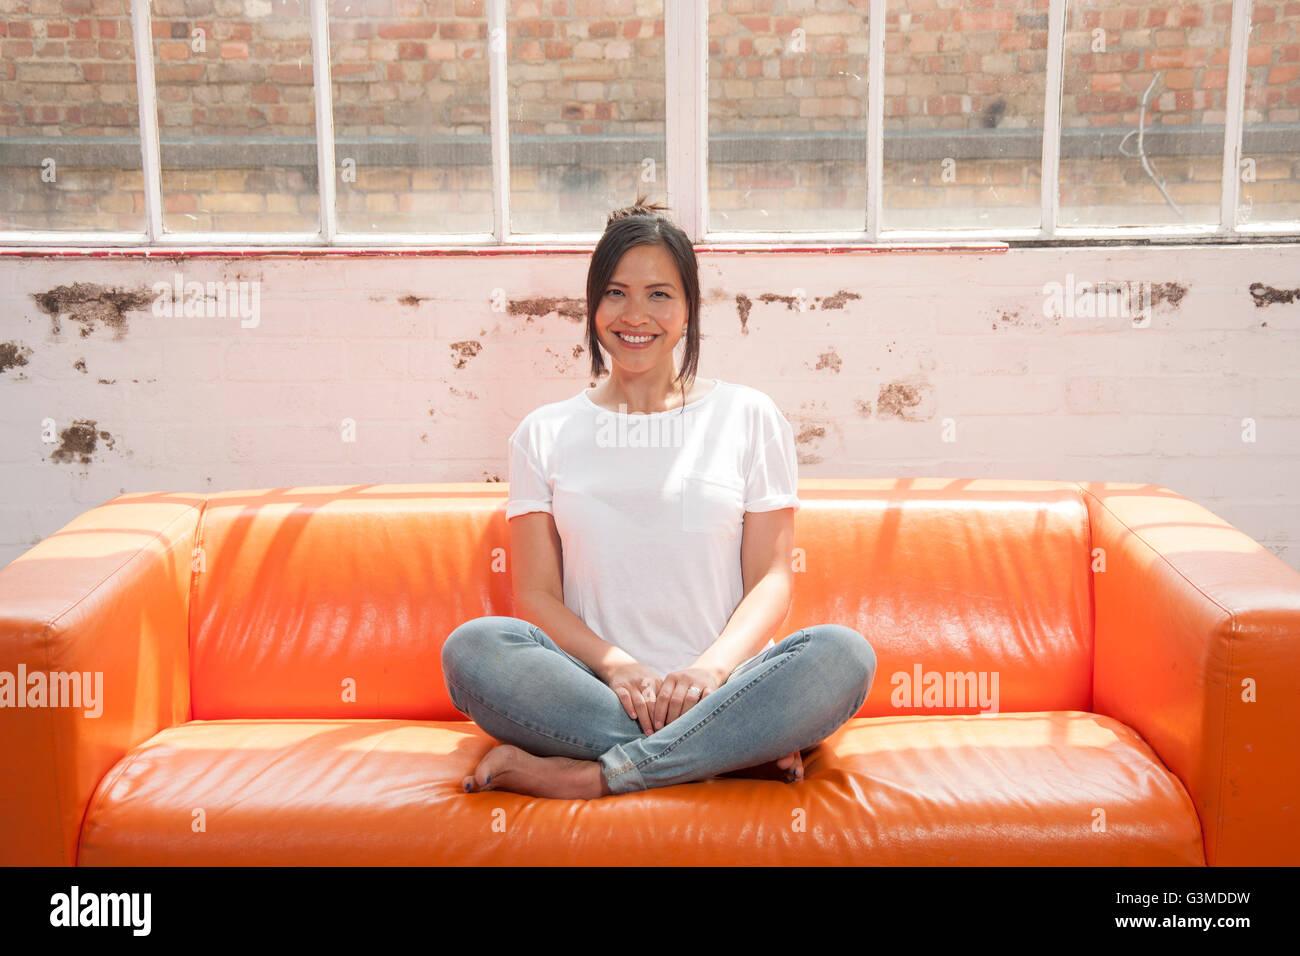 Donna seduta gambe incrociate su un divano rilassante e sorridente Immagini Stock